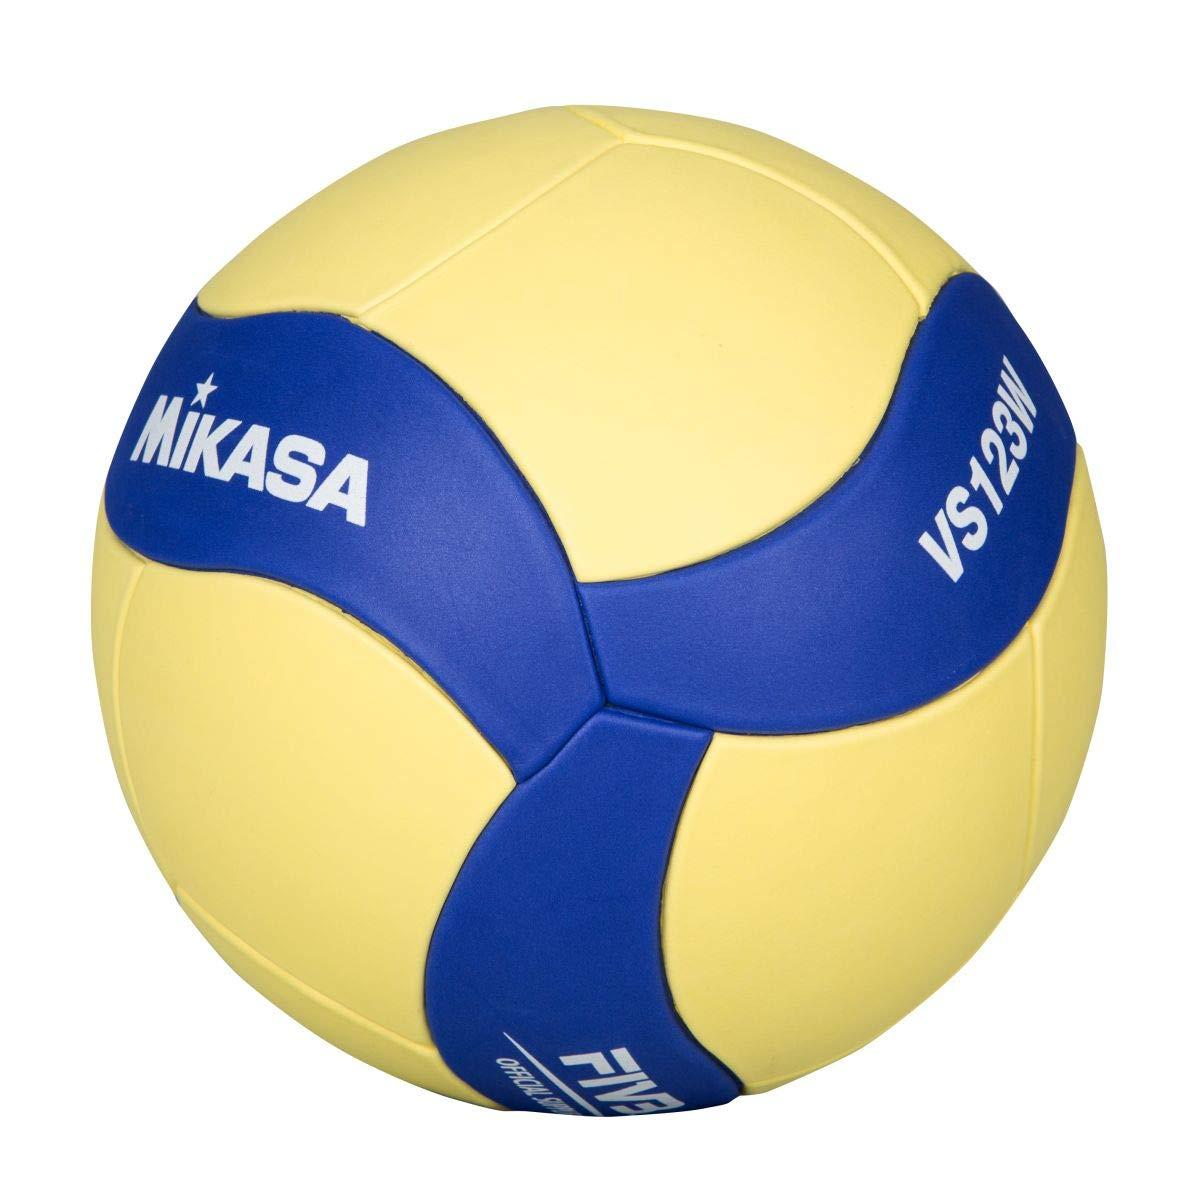 MIKASA VS123W,Blau//Gelb Volleyball Blau//Gelb